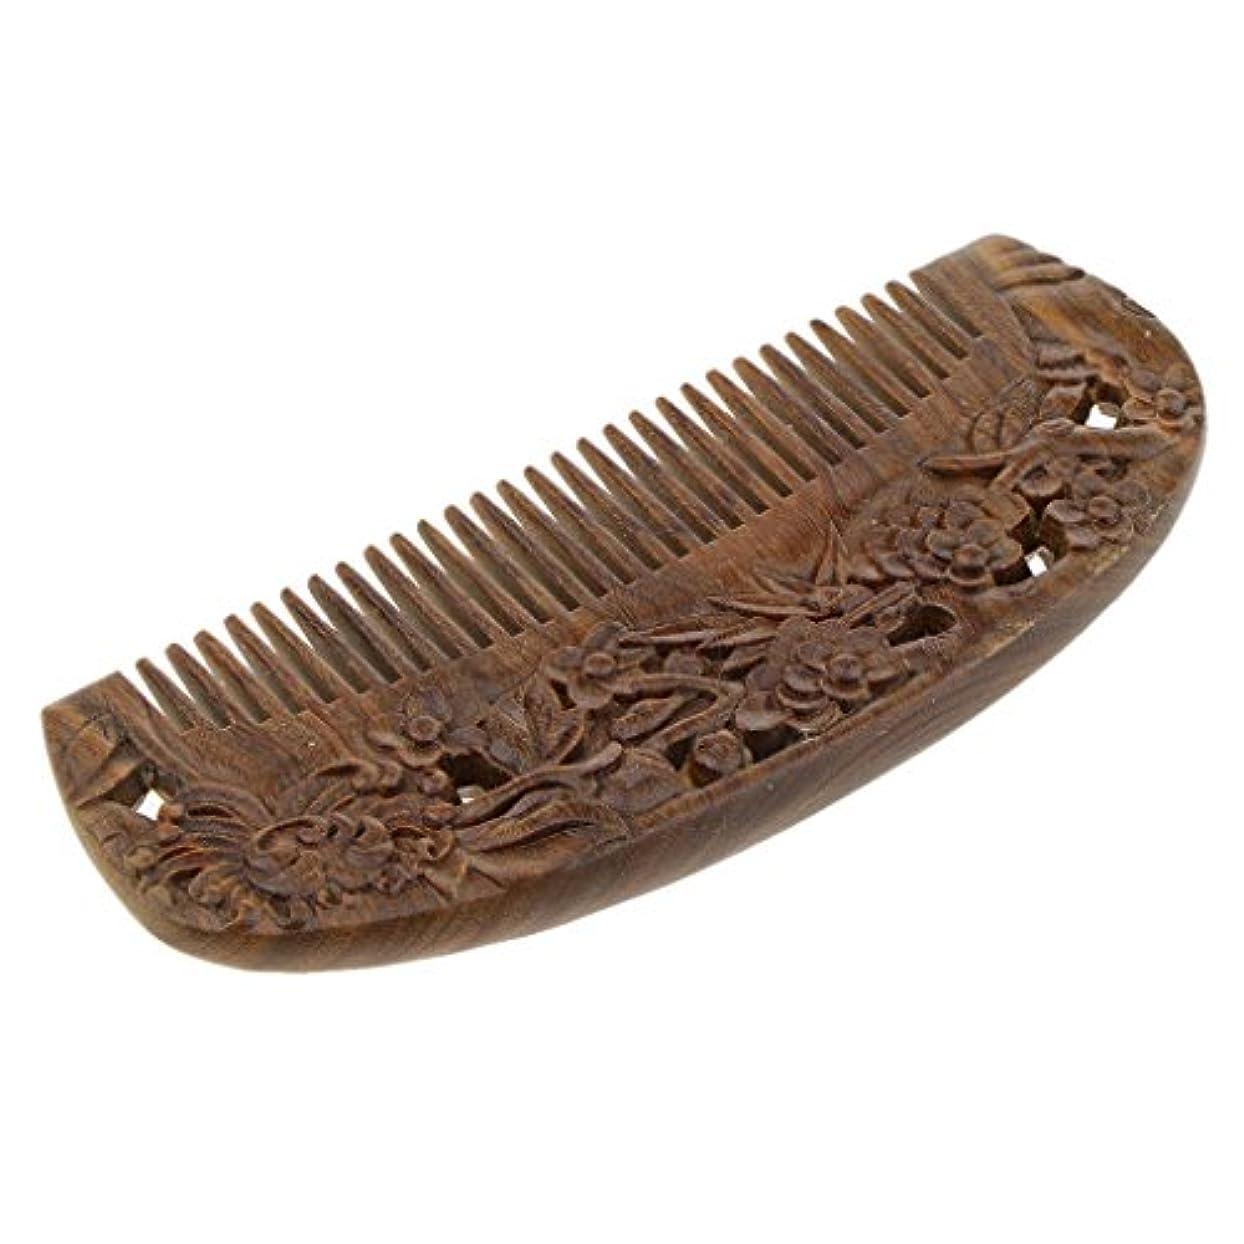 バット再編成する全体に全2種類 ウッドコーム ワイド歯 ヘアブラシ 頭皮マッサージ 木製コーム ヘアスタイリング - #2